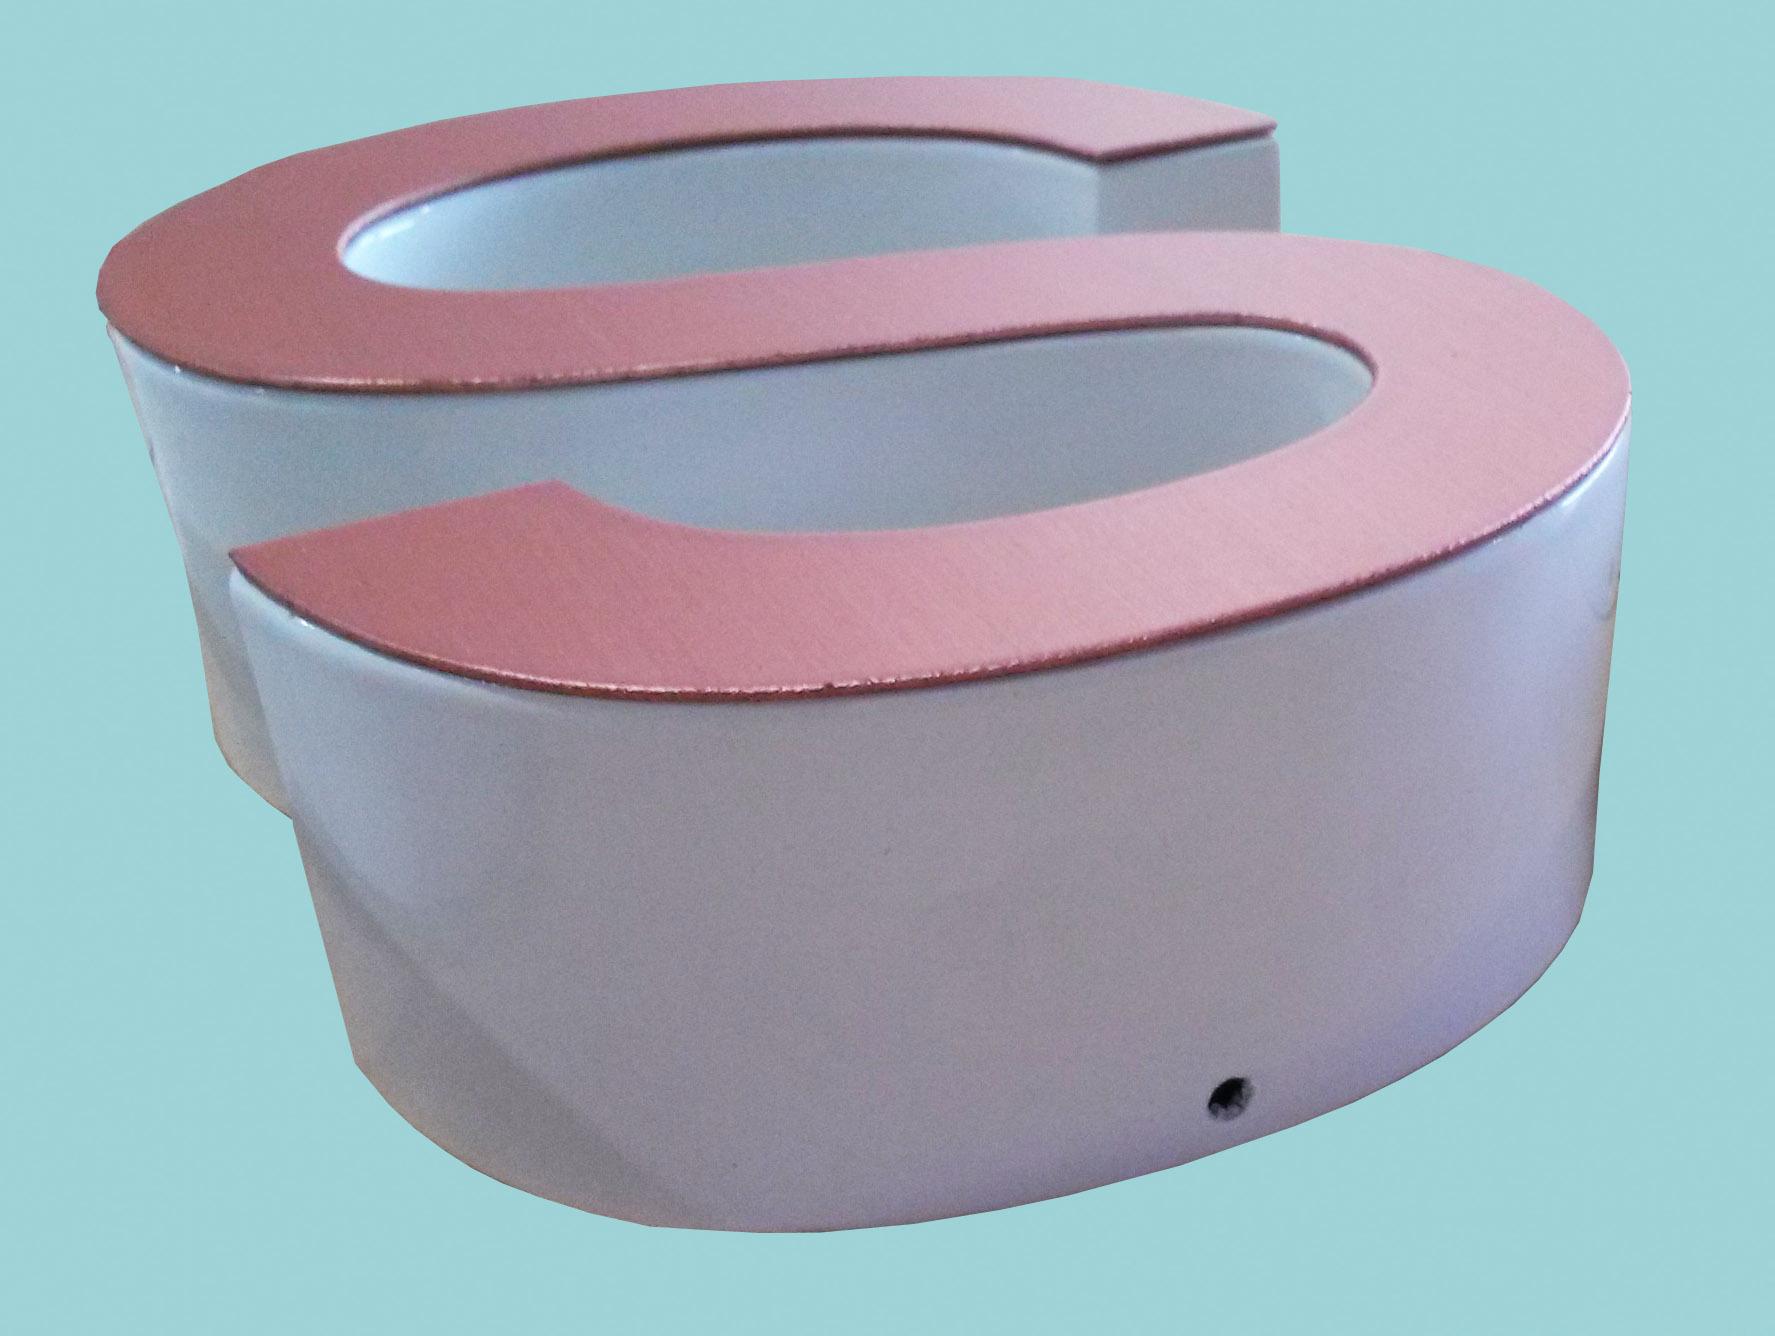 letra-Corporea-de-aluminio-con-frente-en-cobre